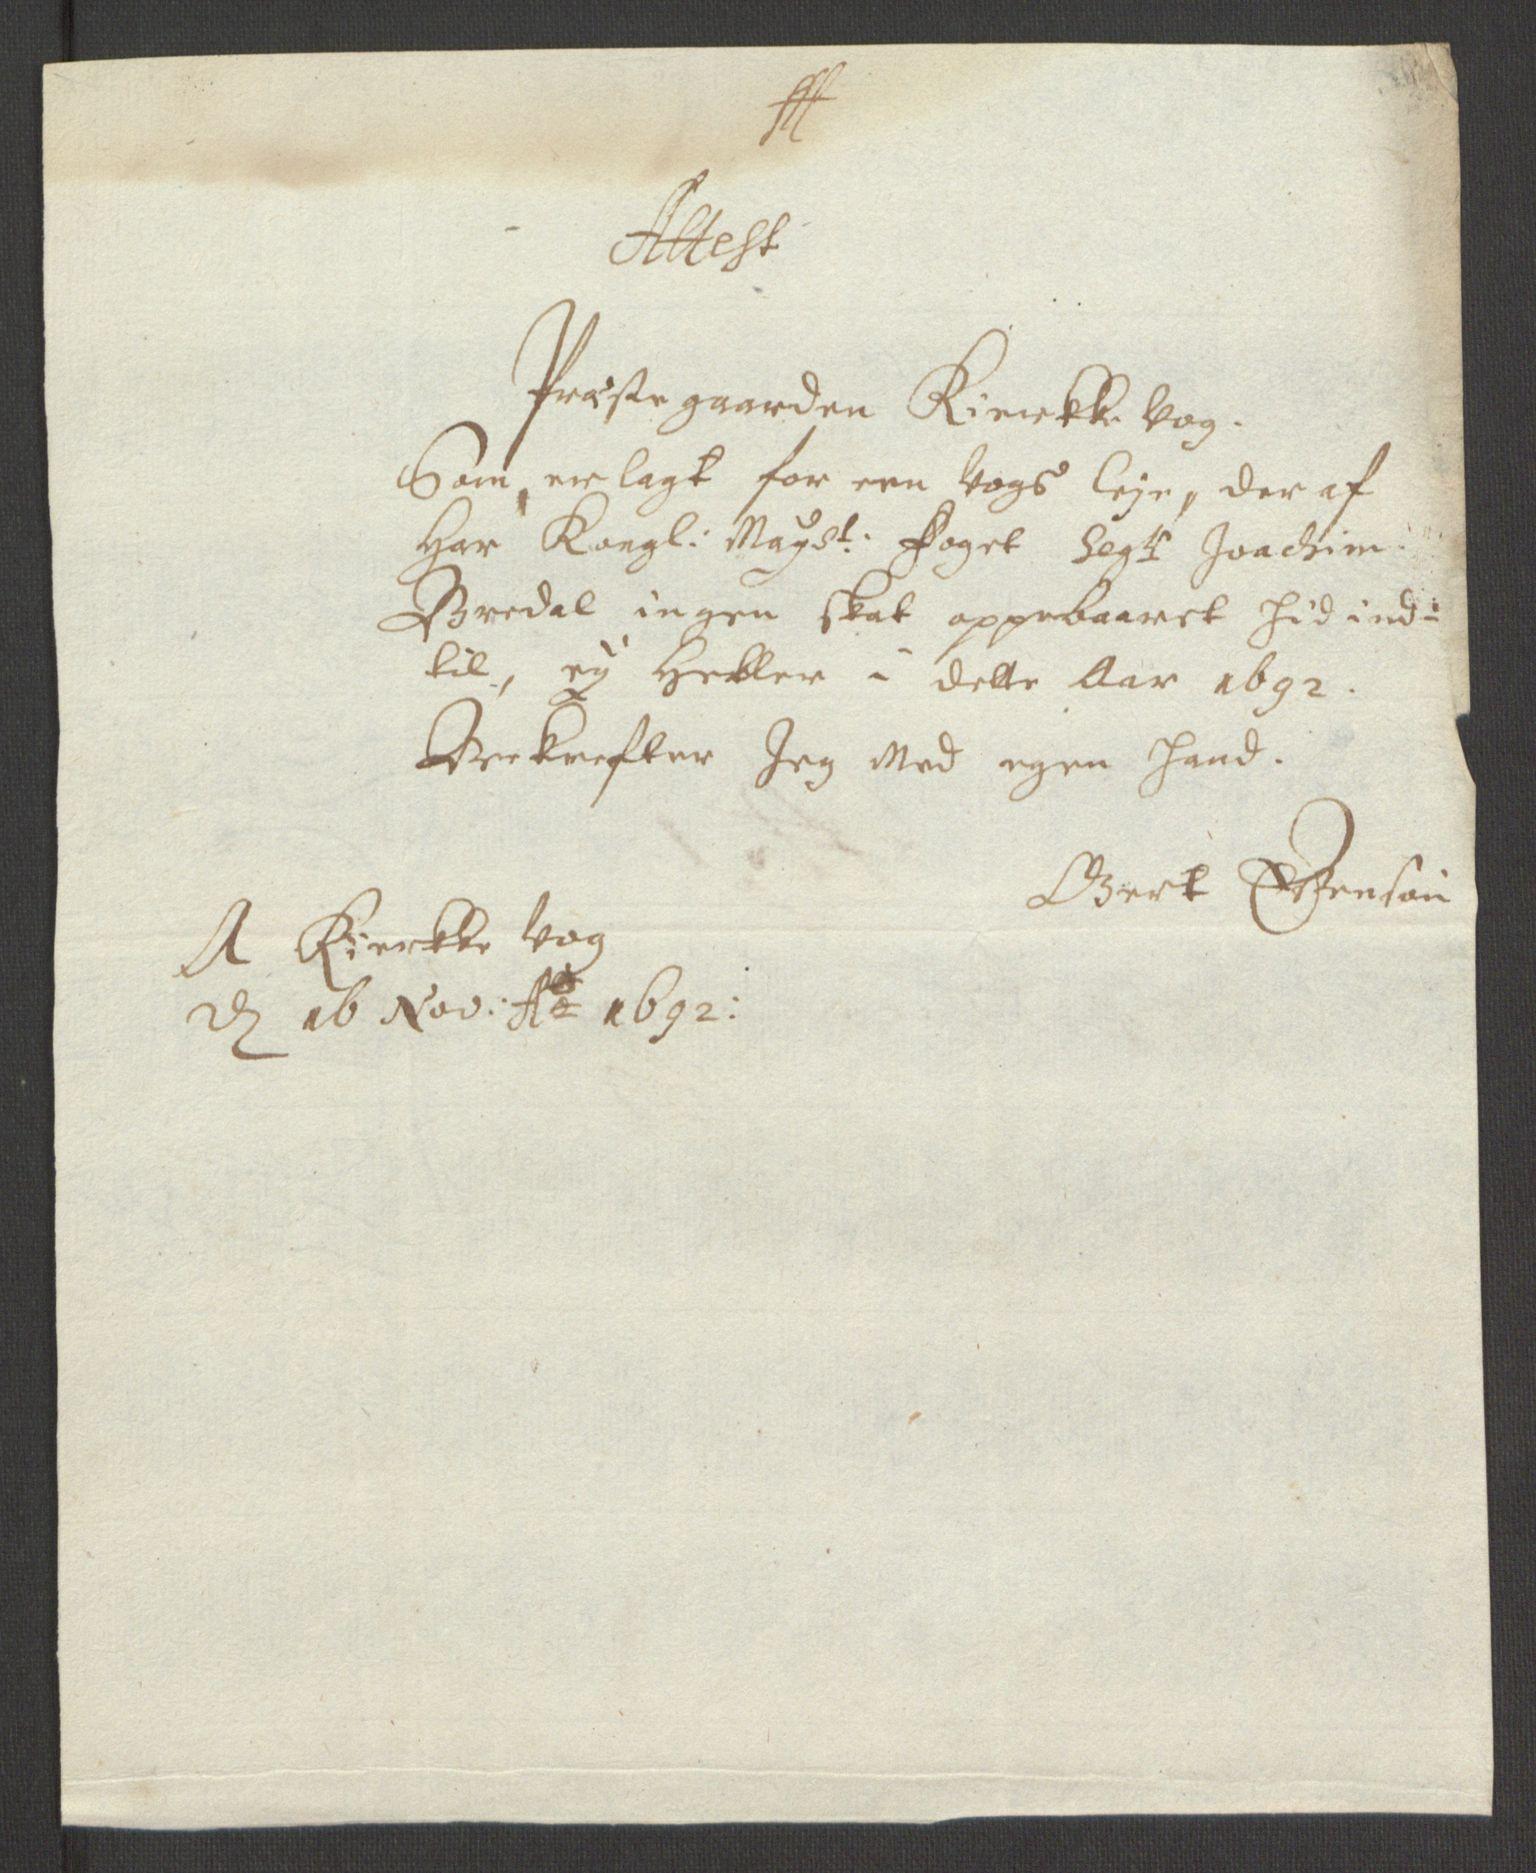 RA, Rentekammeret inntil 1814, Reviderte regnskaper, Fogderegnskap, R67/L4675: Fogderegnskap Vesterålen, Andenes og Lofoten, 1691-1693, s. 206